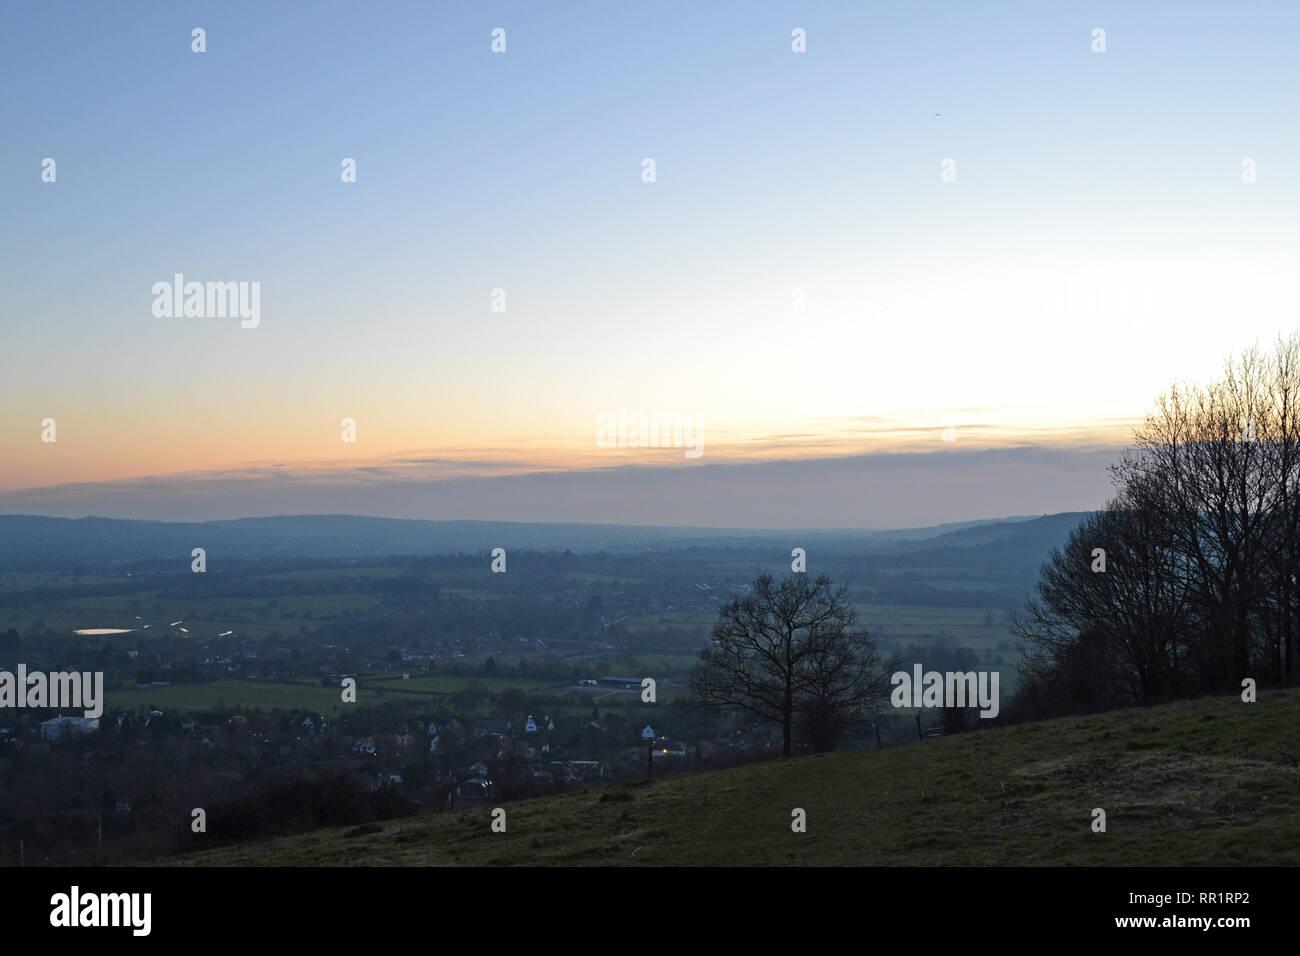 Una capa de nubes bajas oscurece el Atardecer visto desde abajo Fackenden un punto alto en el valle cercano Darent Shoreham, Kent, en invierno (febrero). La SEIC Foto de stock